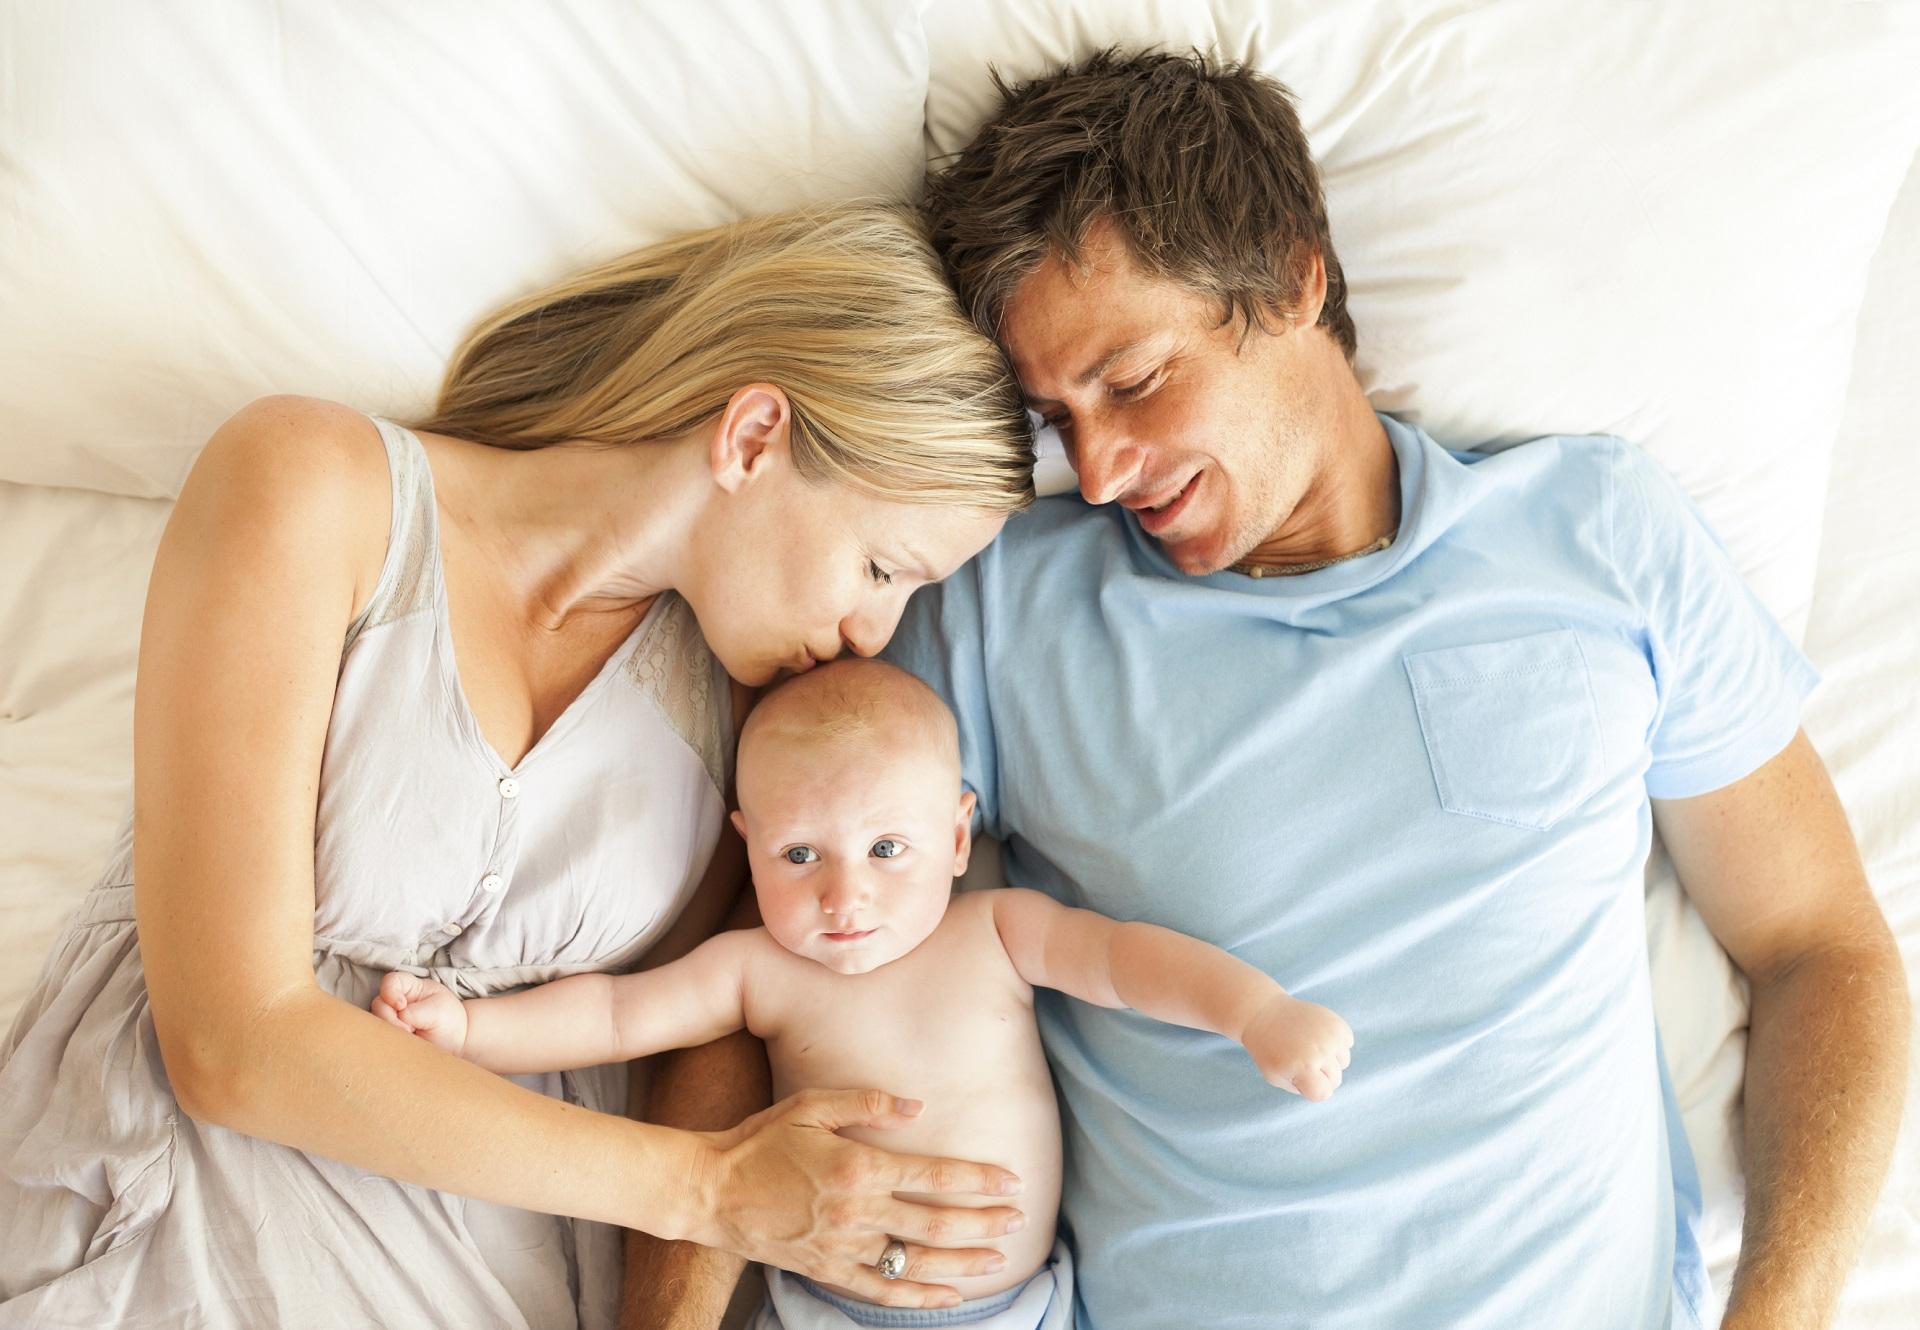 Berbagi Tempat Tidur dengan Bayi